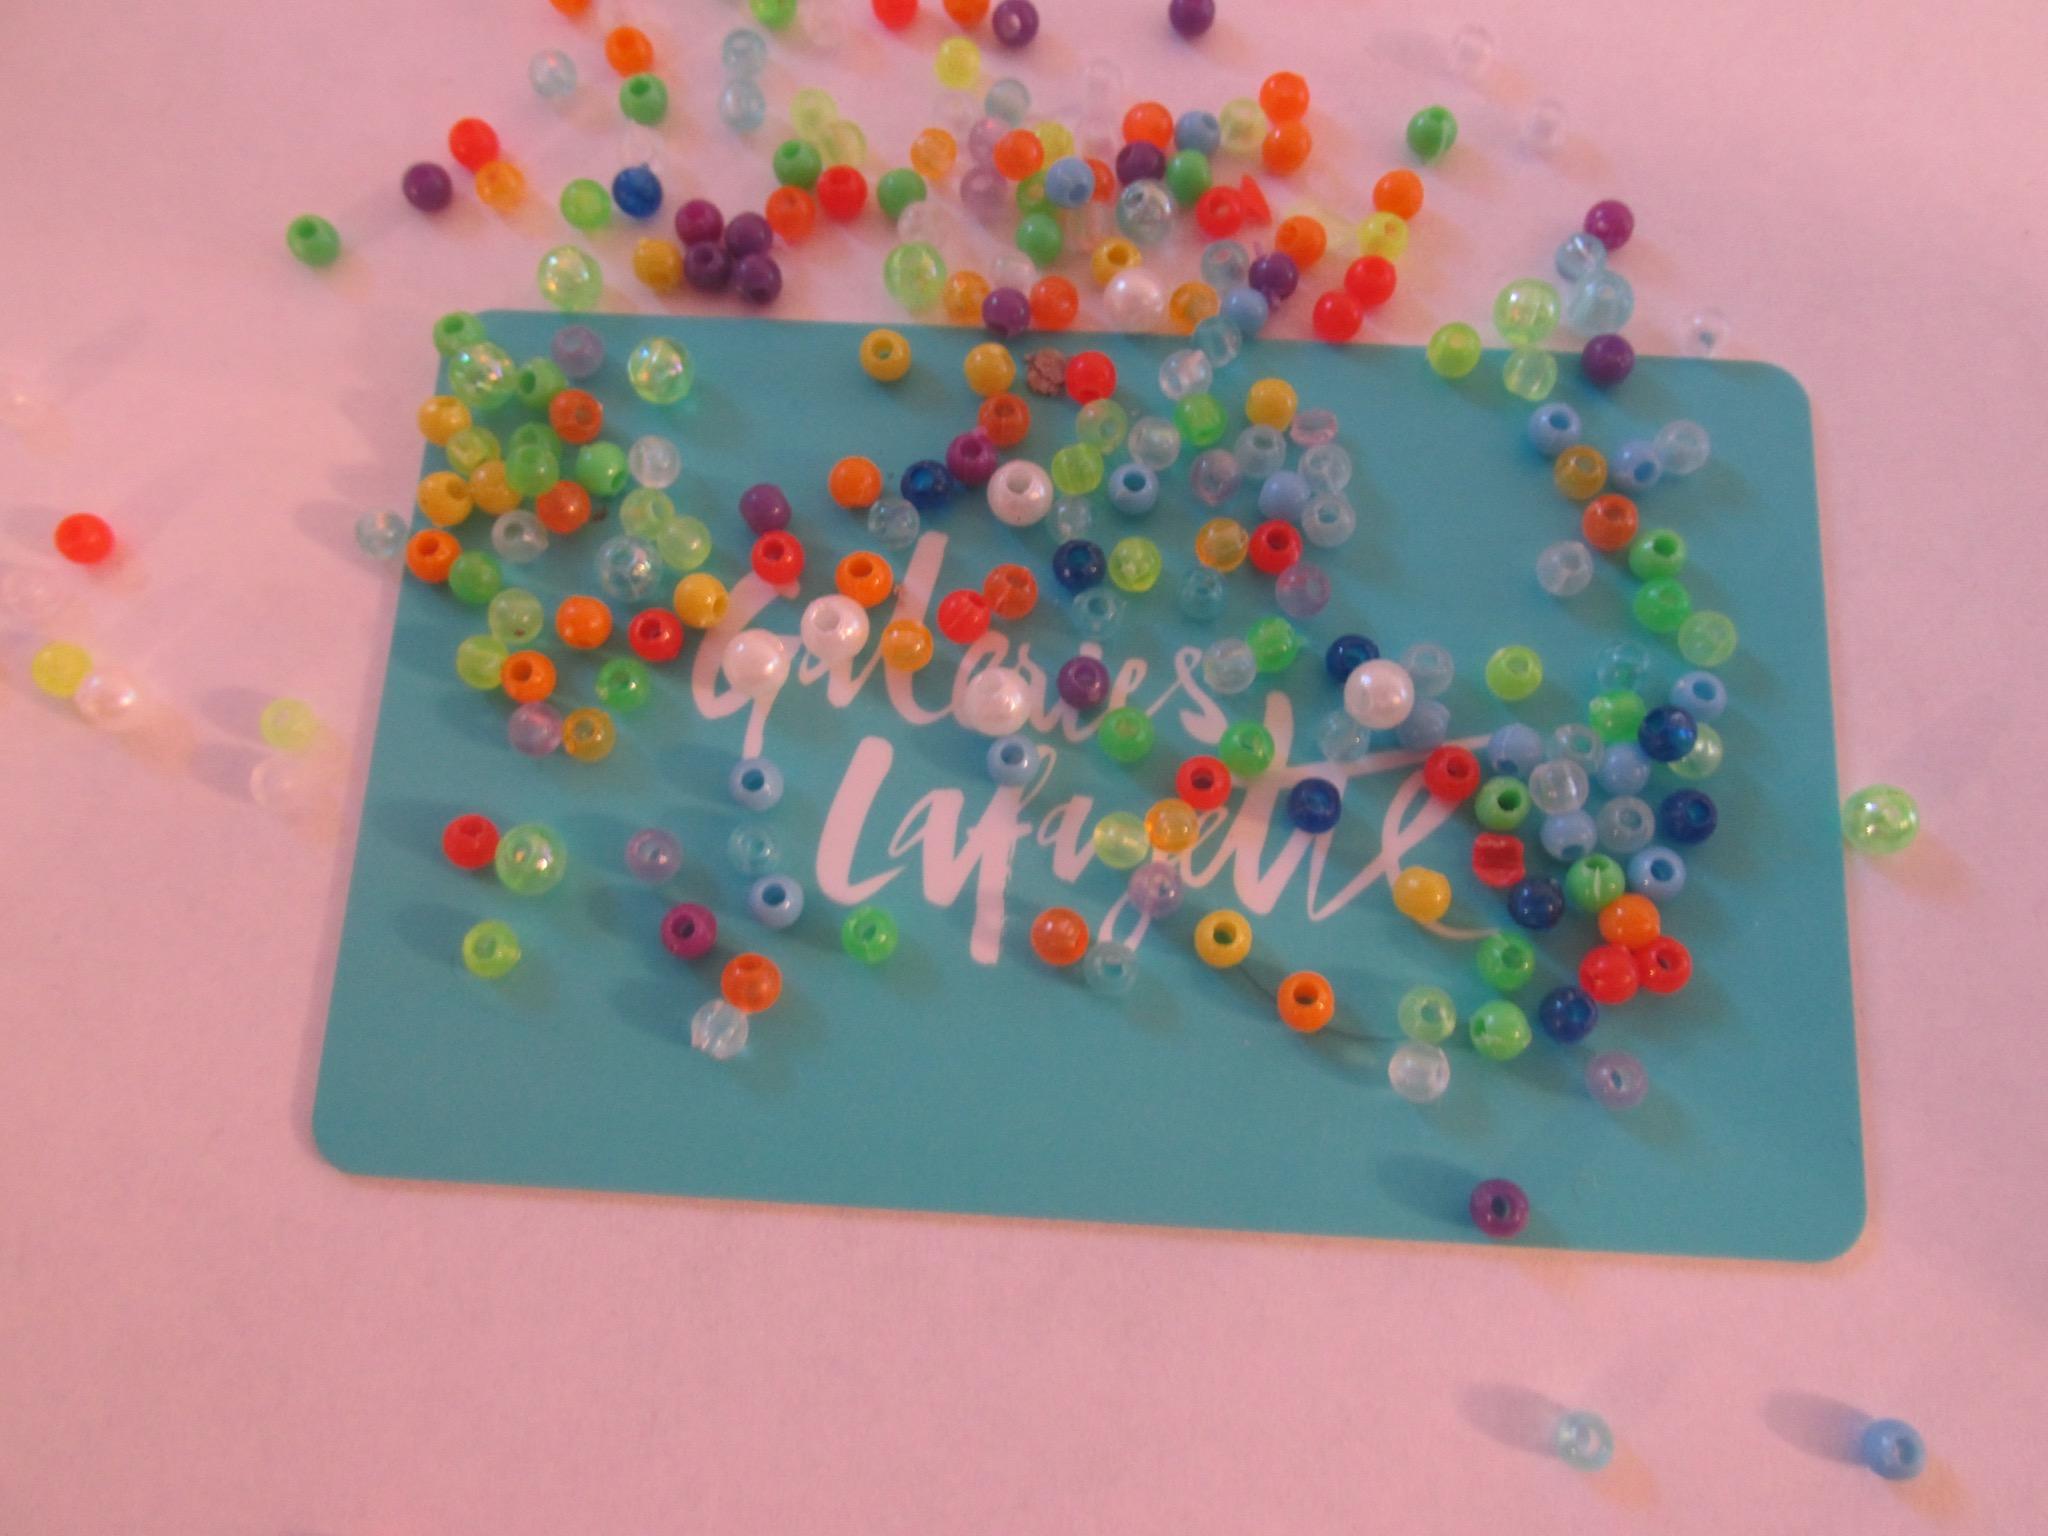 blog mode nantes carte cadeau galeries lafayette - Galeries Lafayette Liste De Mariage Faire Un Cadeau